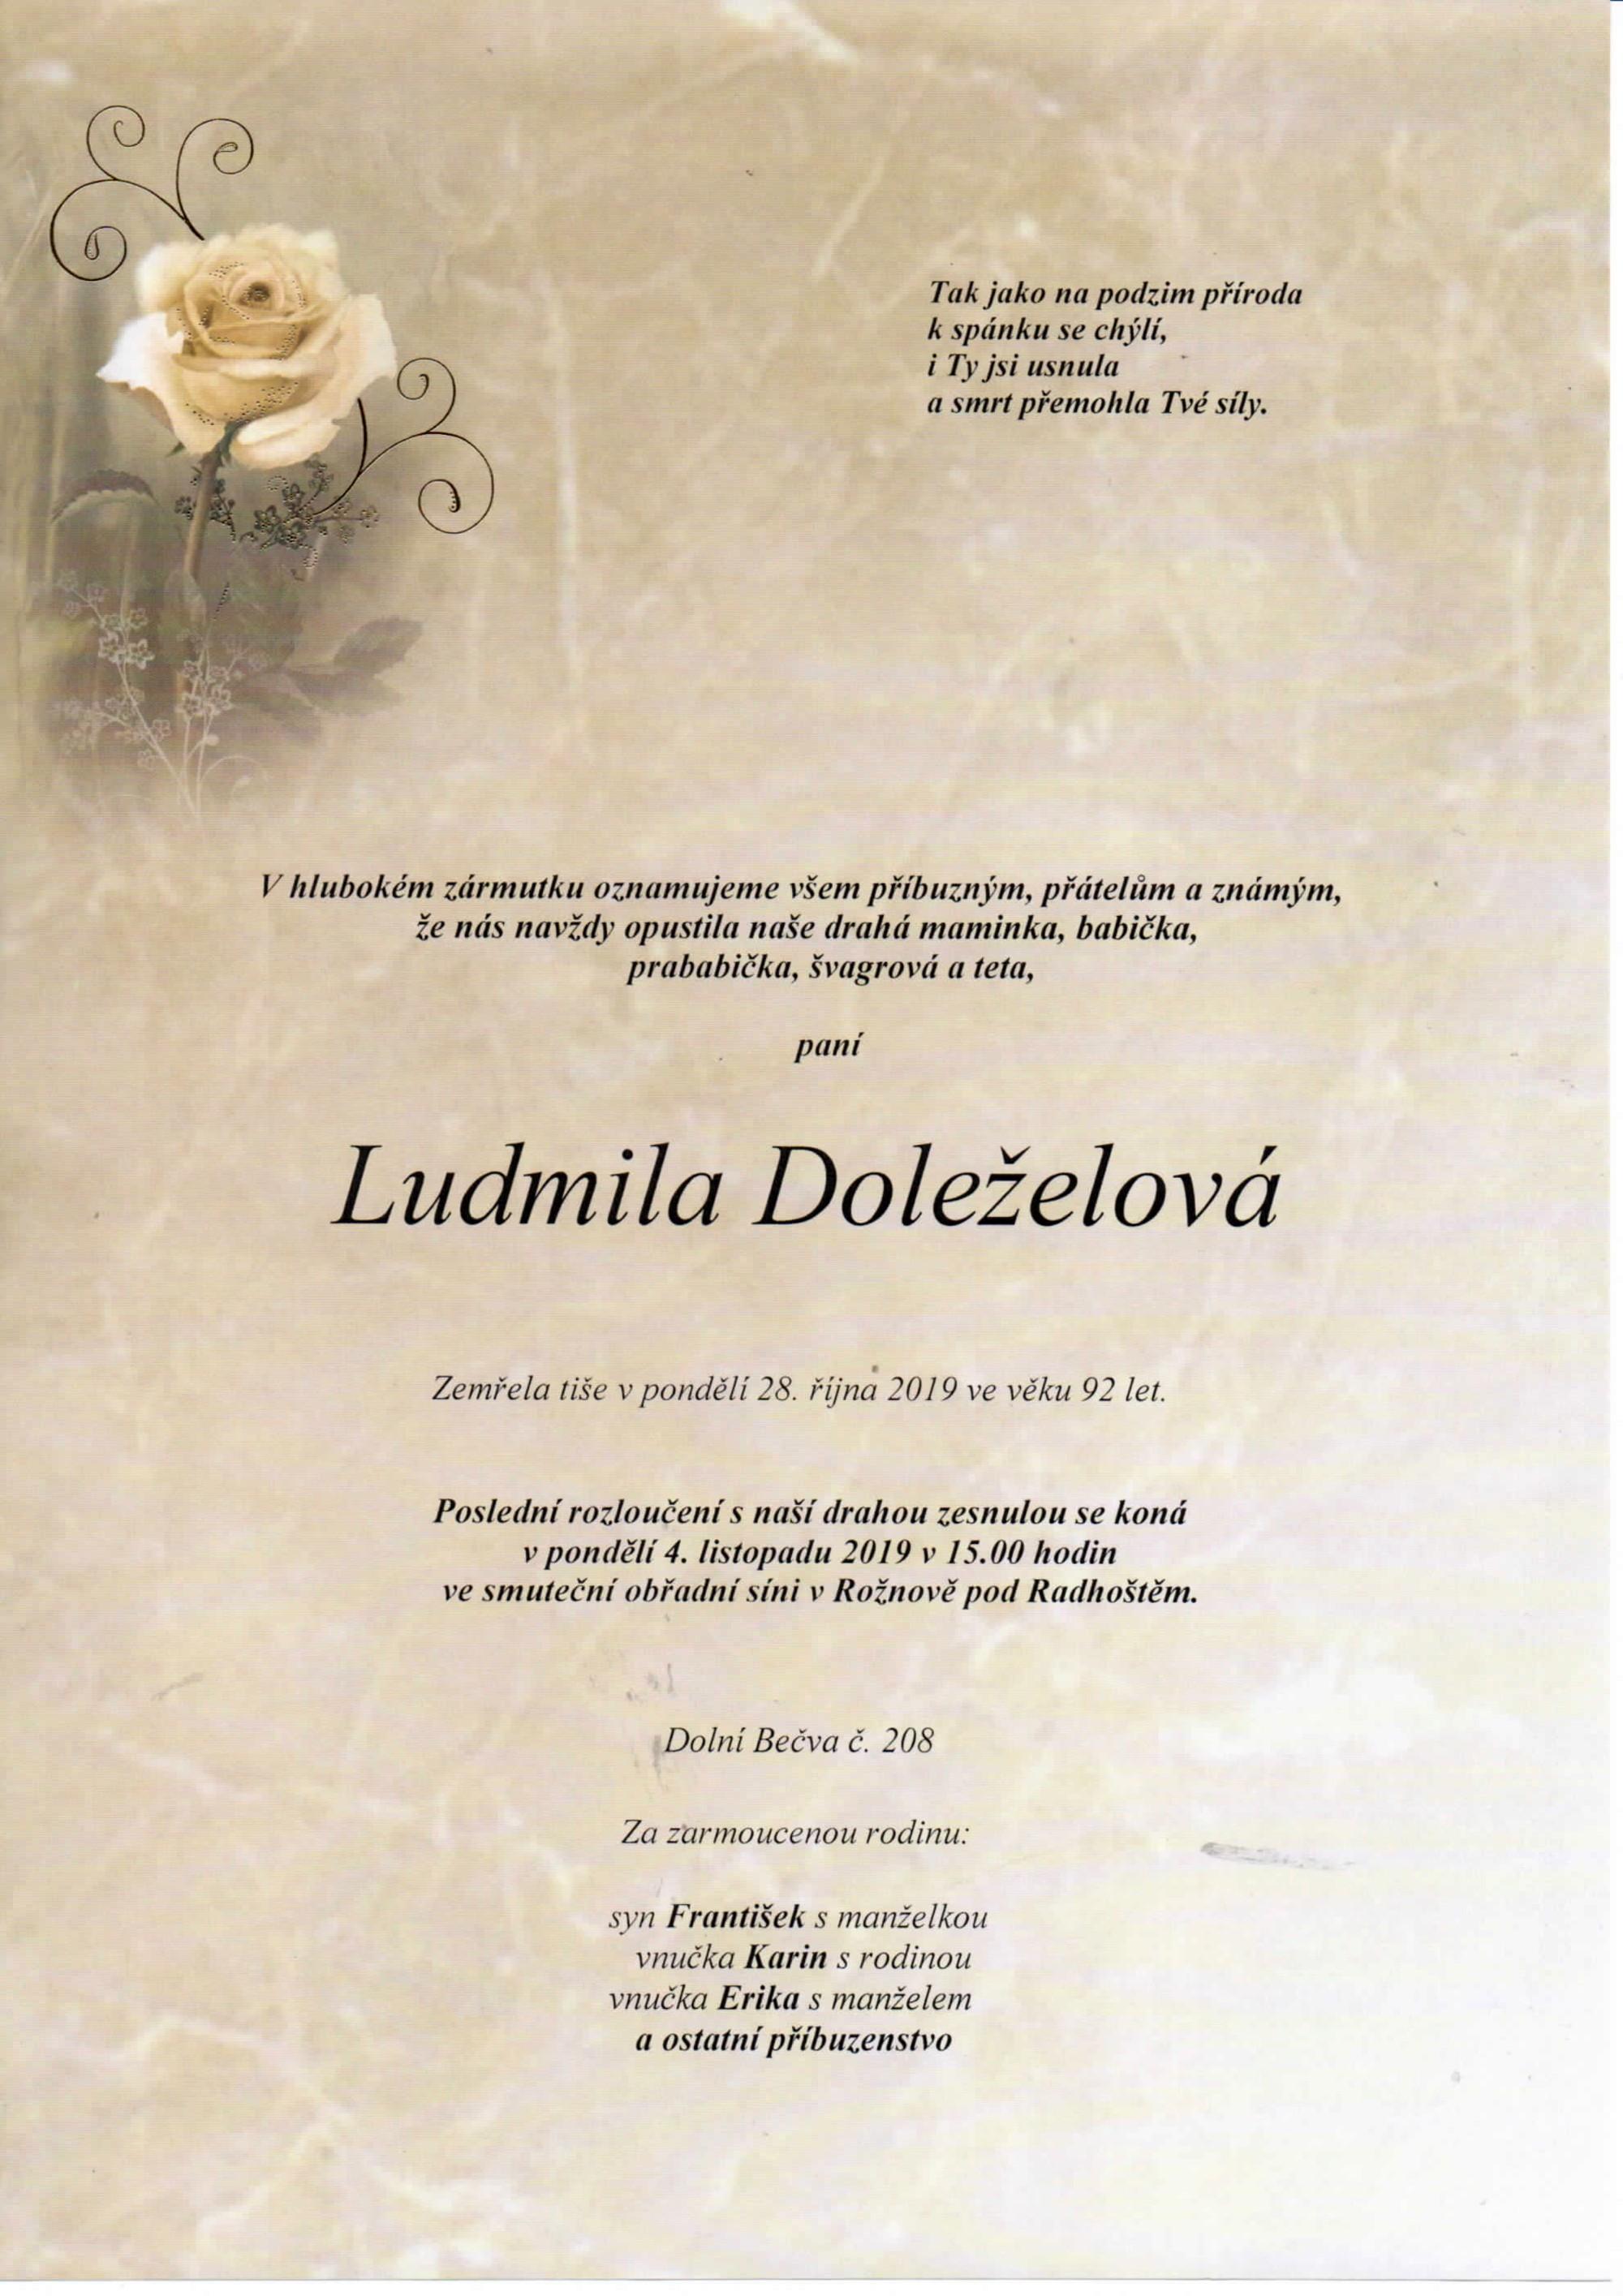 Ludmila Doleželová